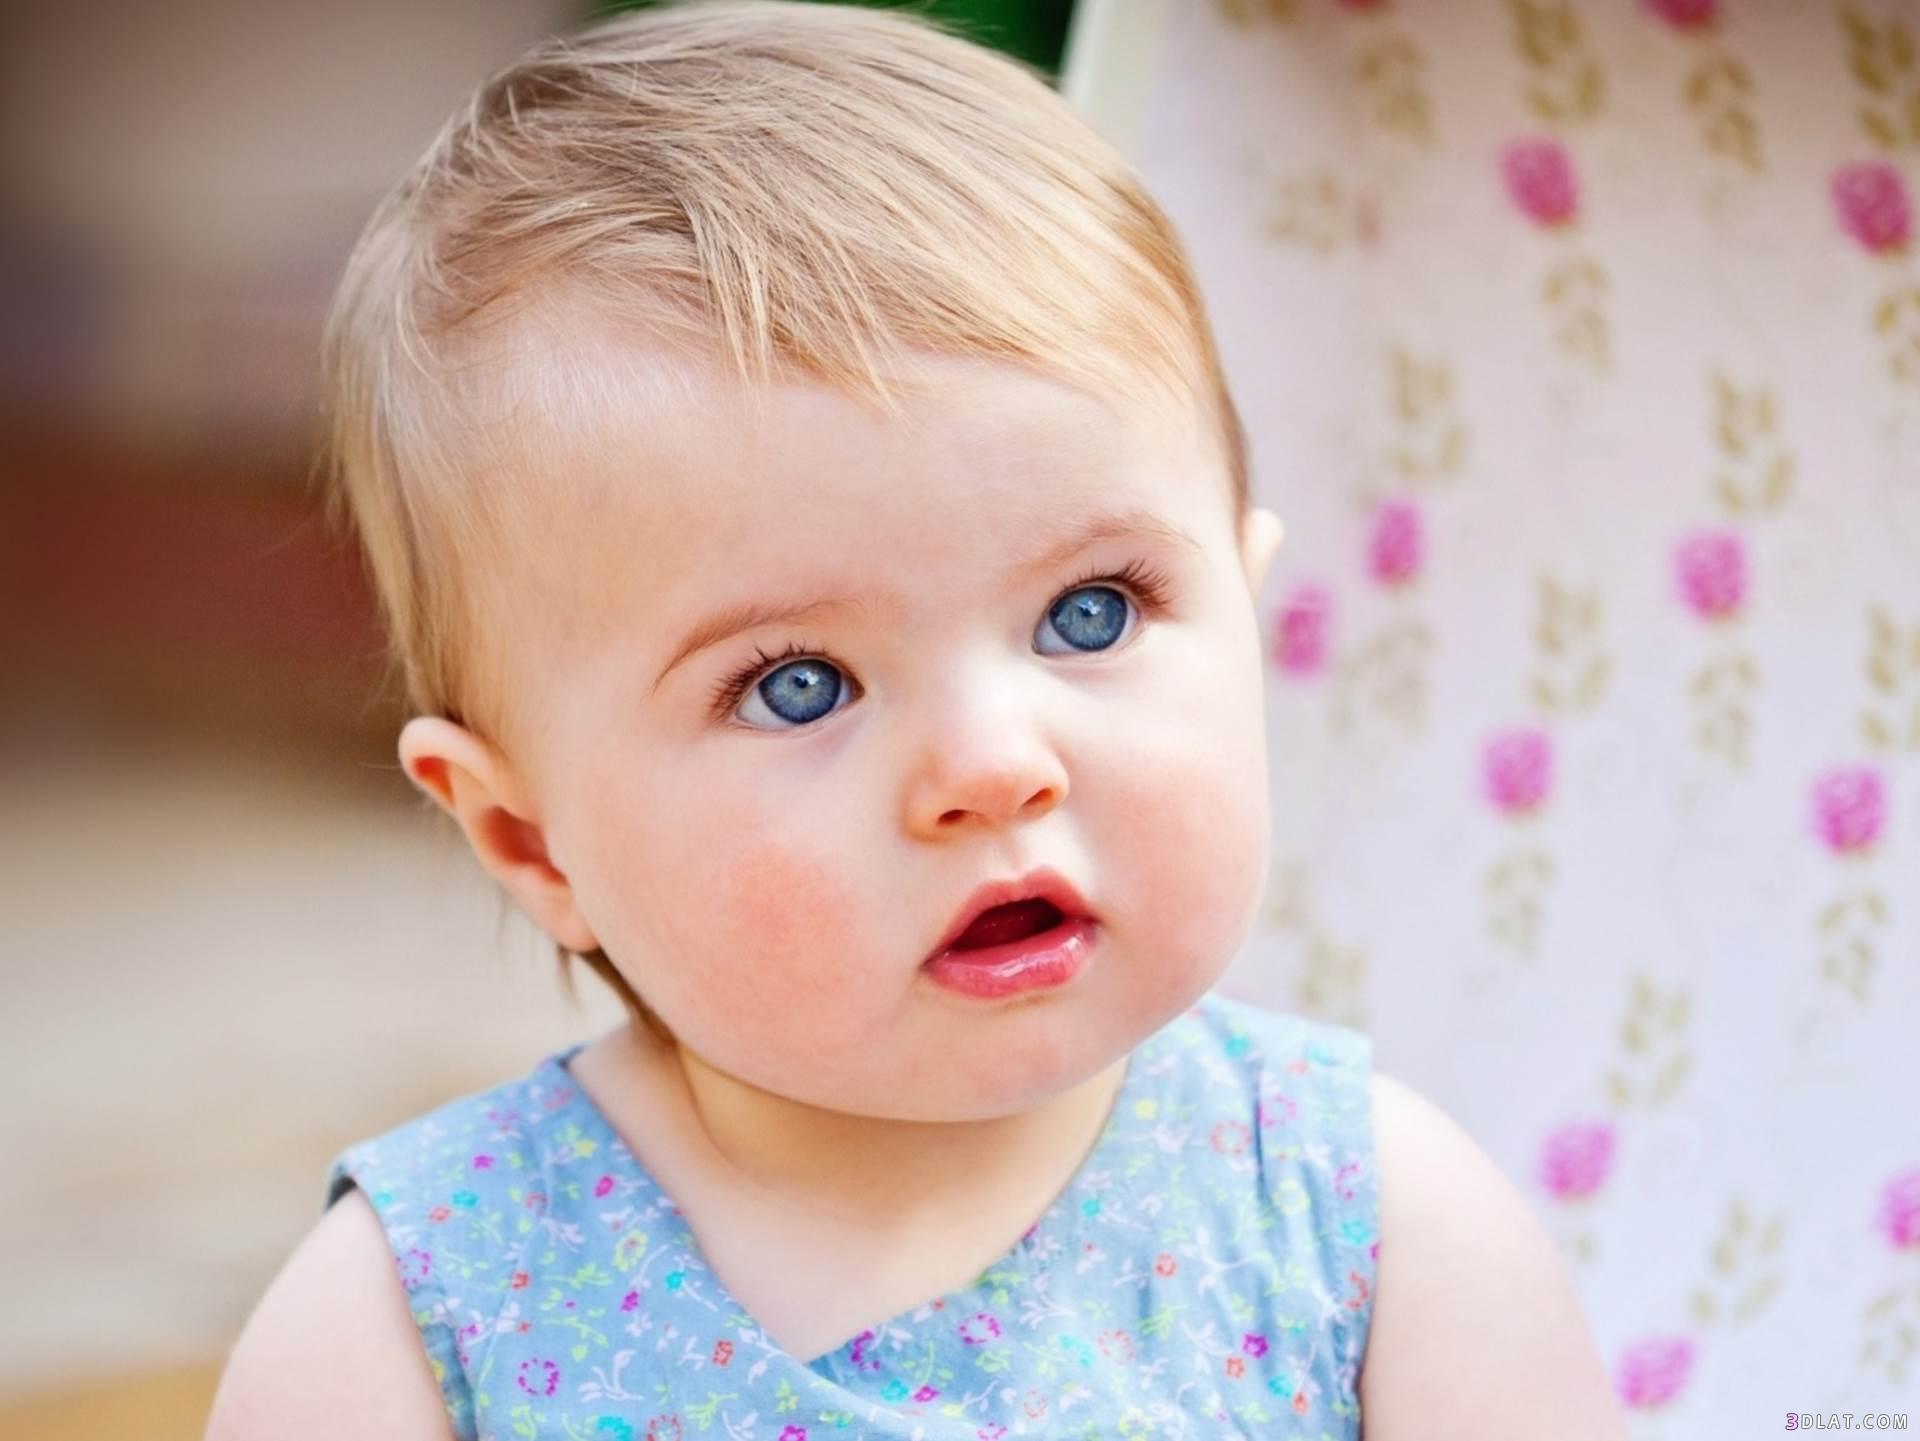 صور أطفال جميلة 2020 اجمل صور الاطفال صور بيبى جميلة ولاد وبنات صغار 6